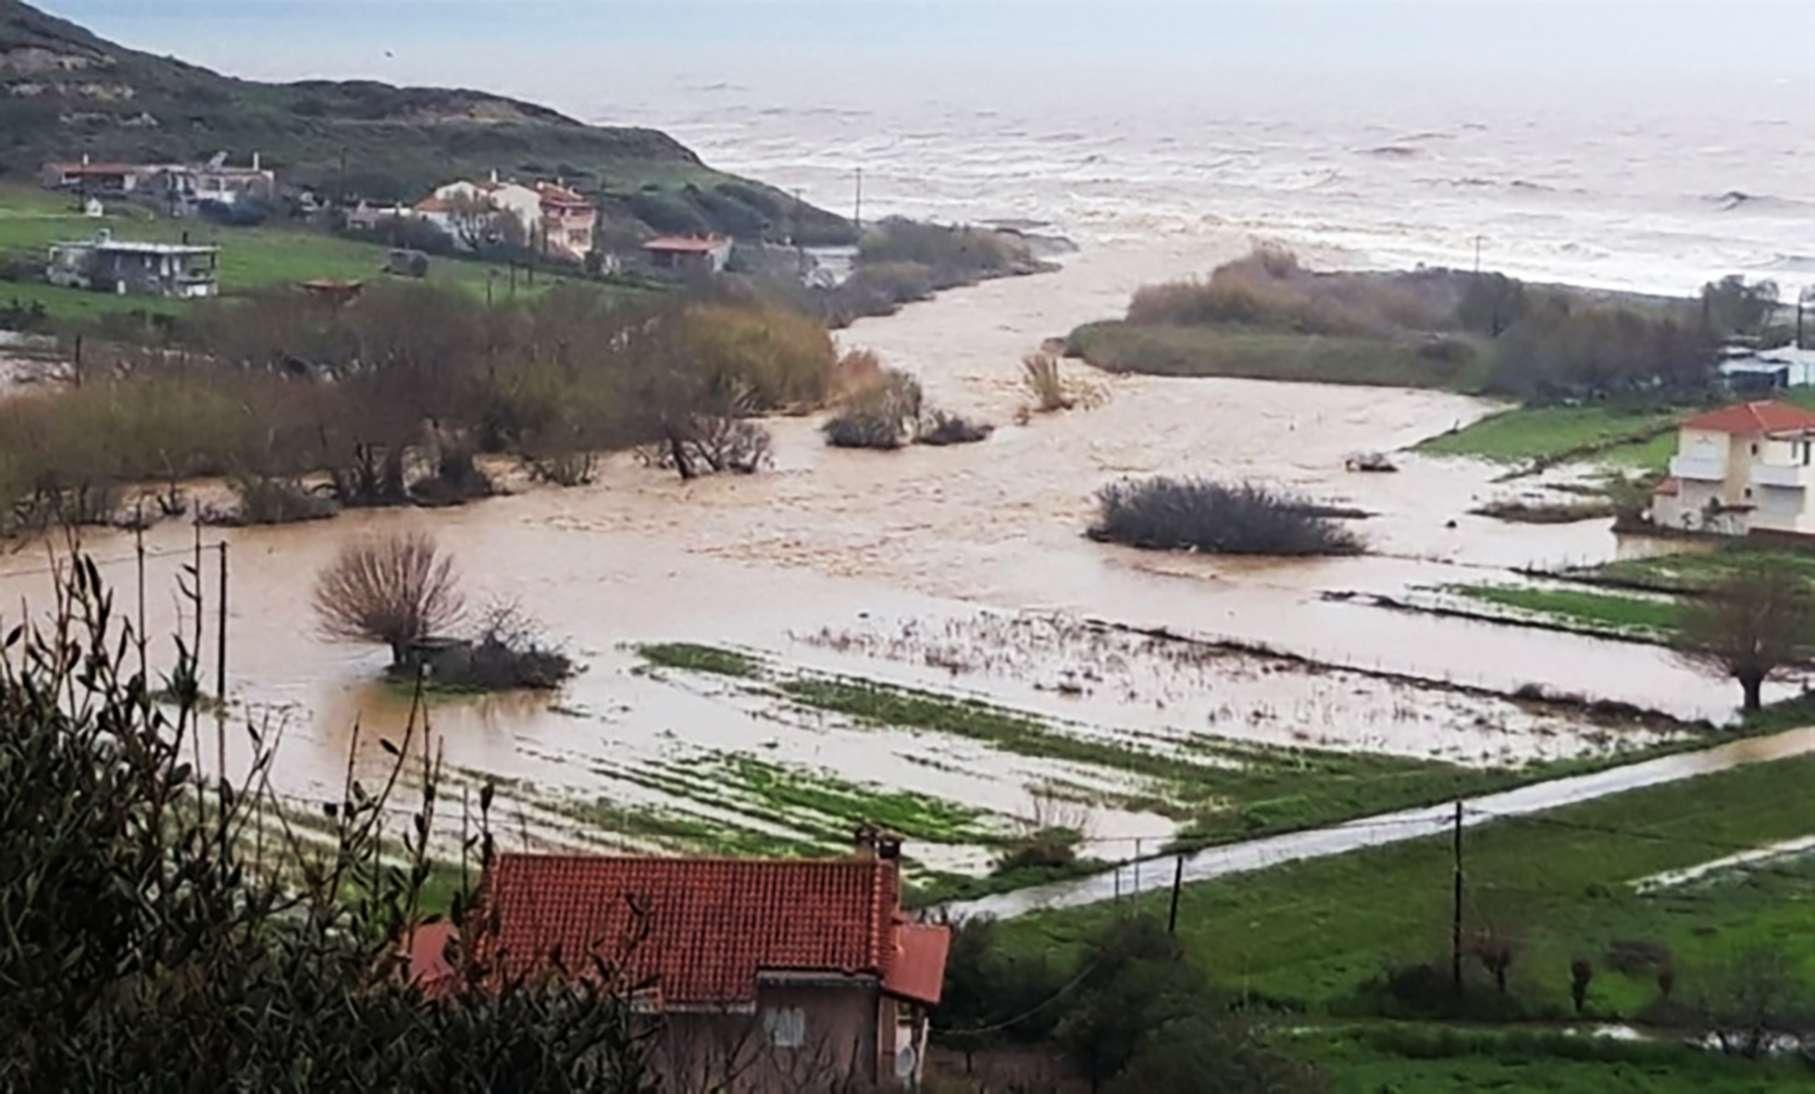 πλημμύρες 9 Αυγ 2020